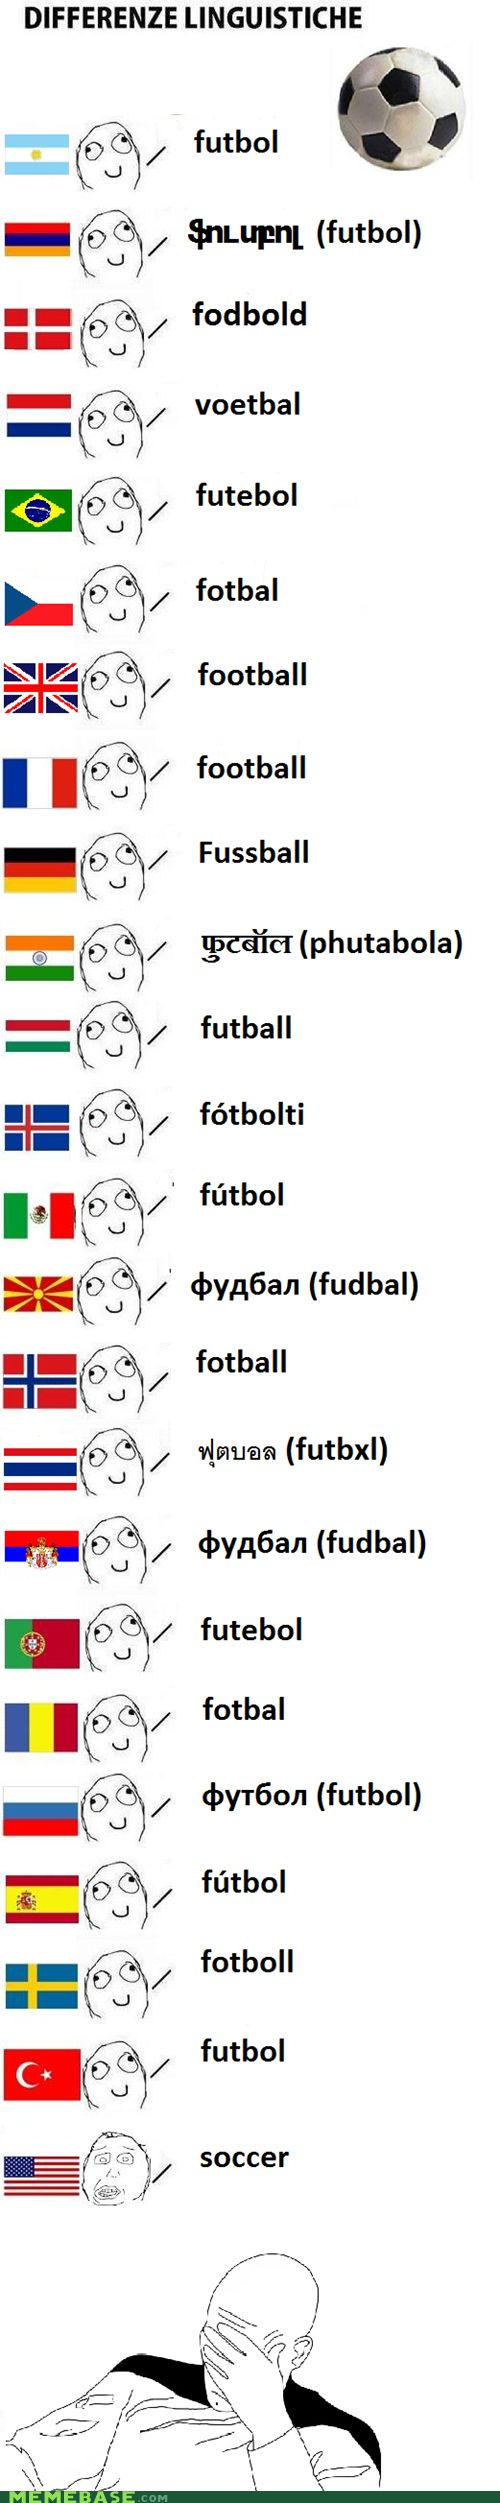 Soccer fail. Really though